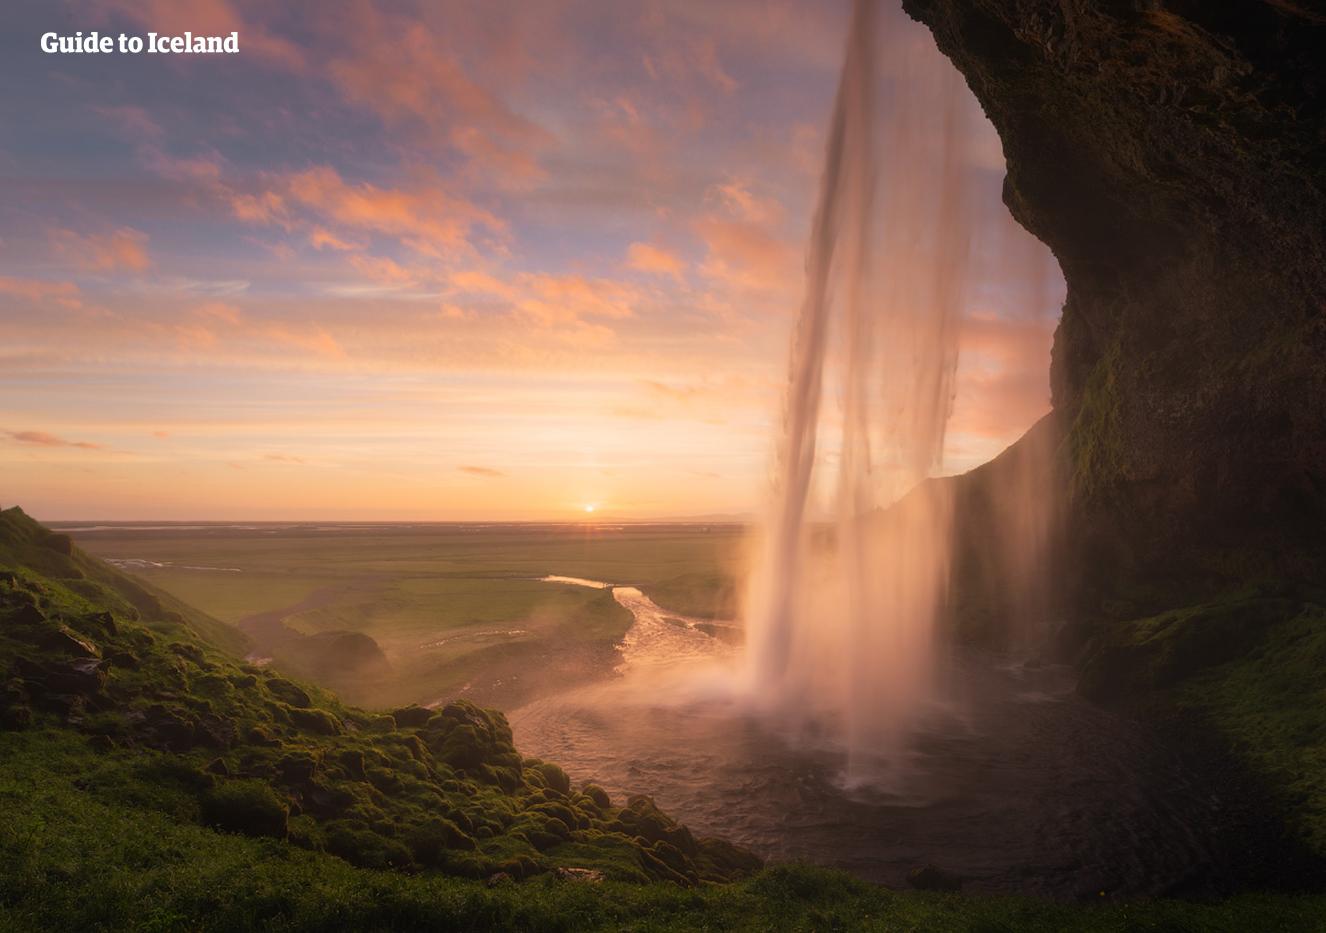 在冰岛六月的夏至日,您可以走到塞里雅兰瀑布的后方欣赏午夜阳光和冰岛南岸的平原